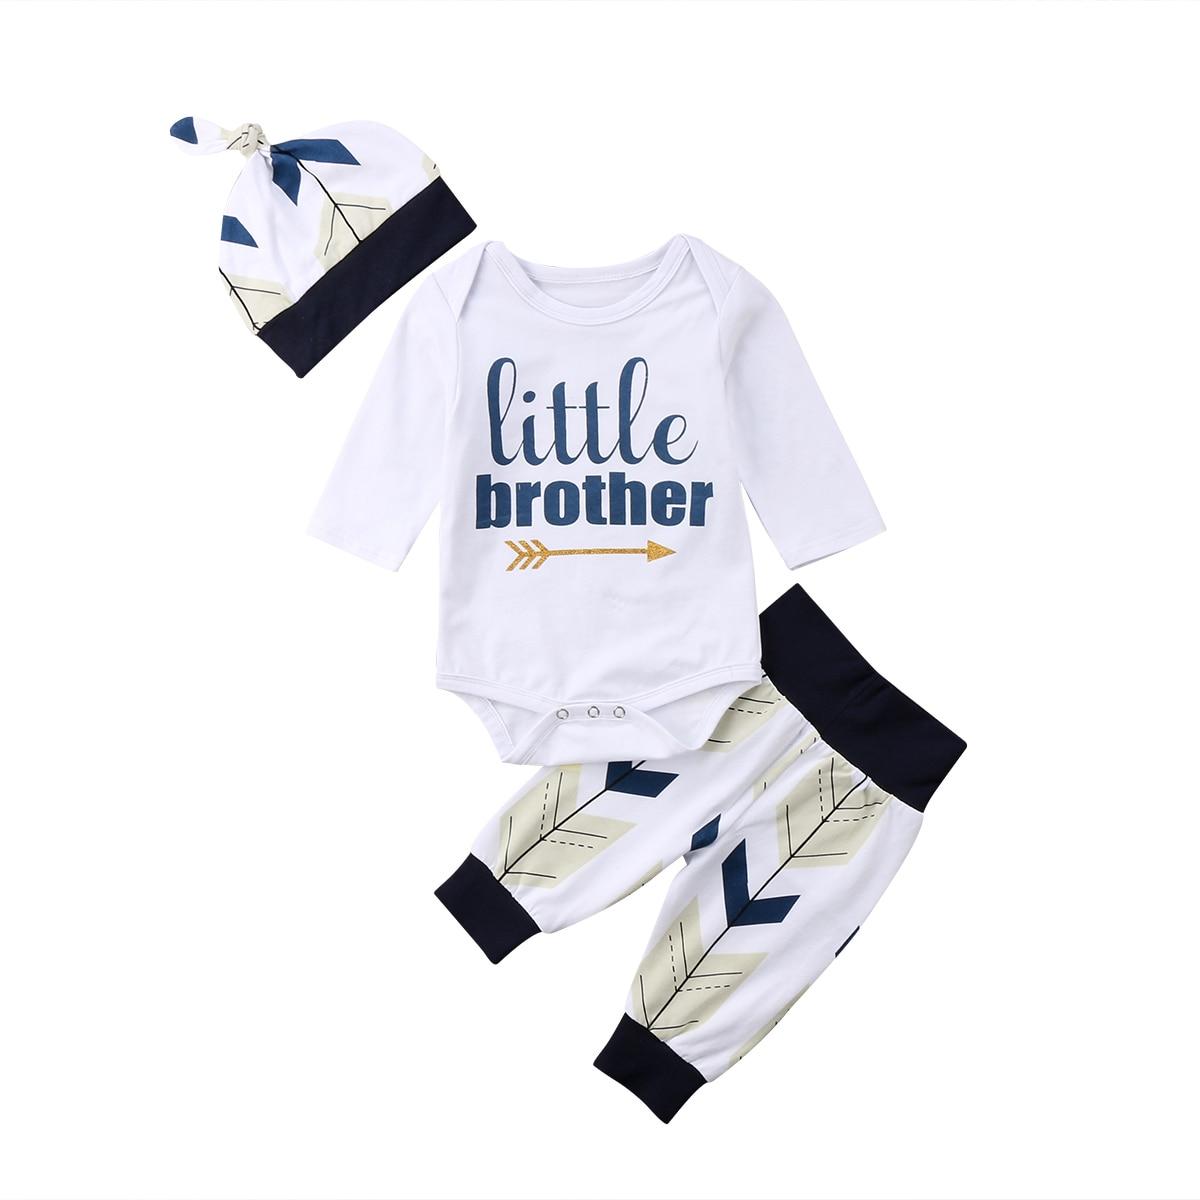 3PCS Newborn Baby Boys Little Brother Letter White Bodysuit+Pants+Hat Infant TOP SALE Outfits Set Clothes 0-24M